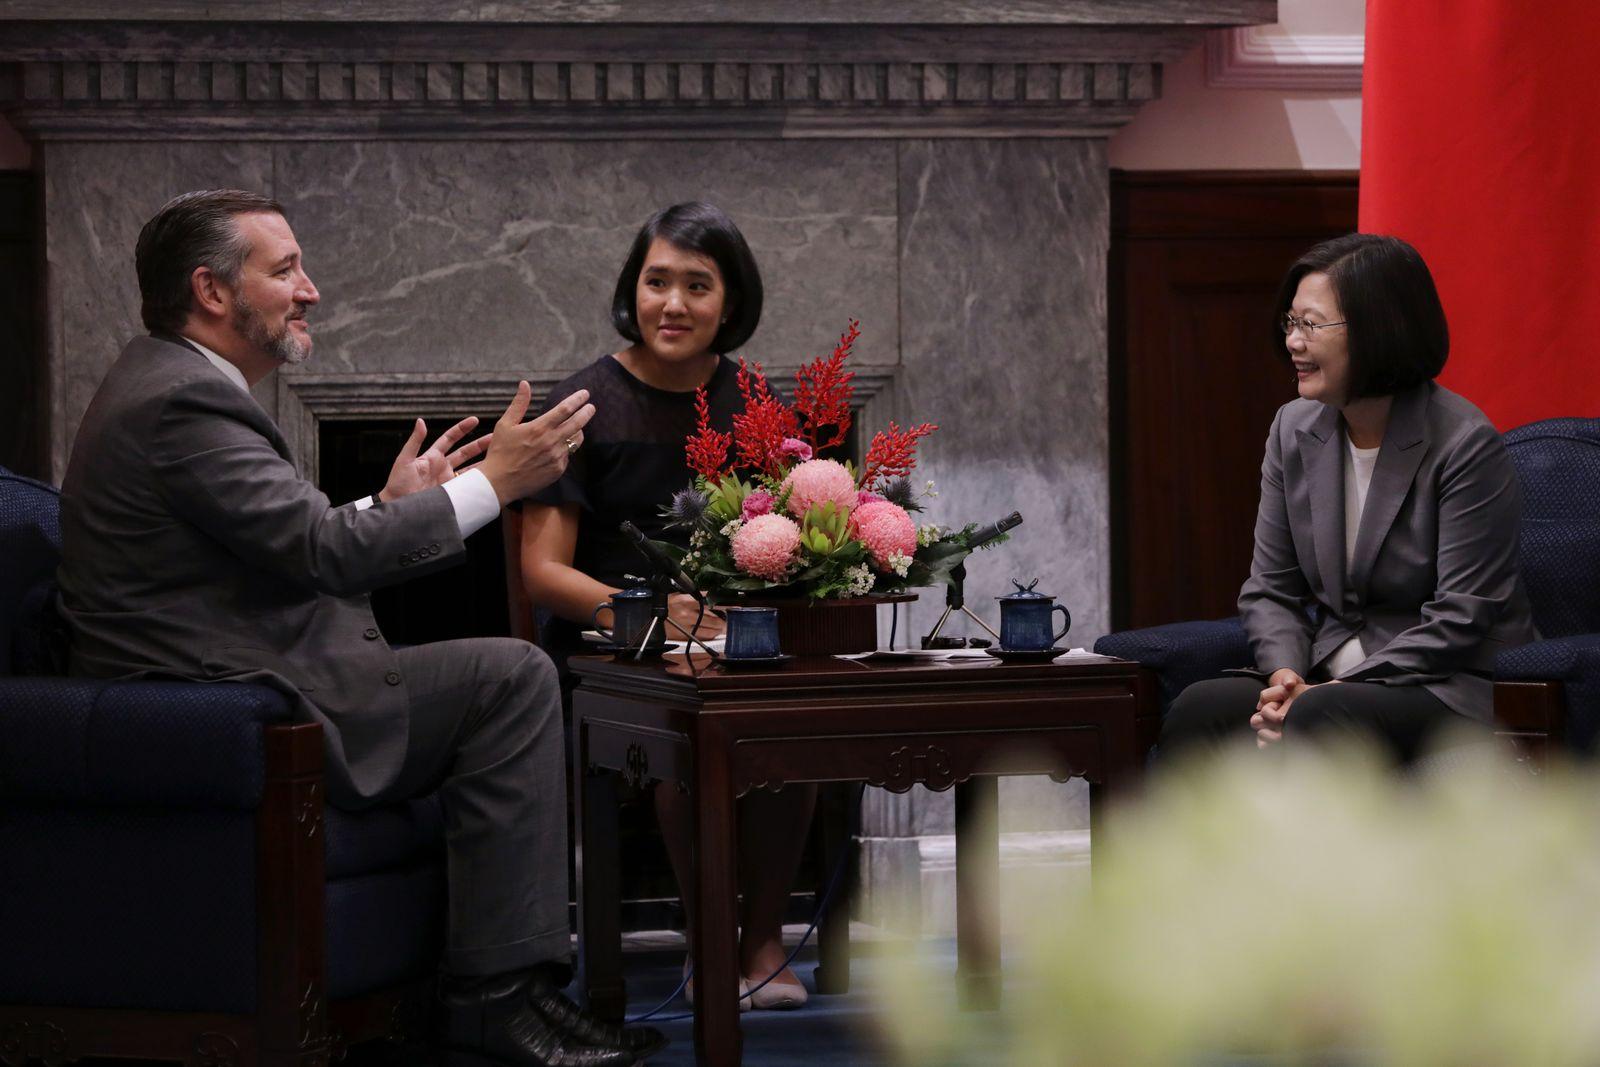 【翁履中觀點】微笑背後的真相,臺灣有智慧和勇氣面對嗎?